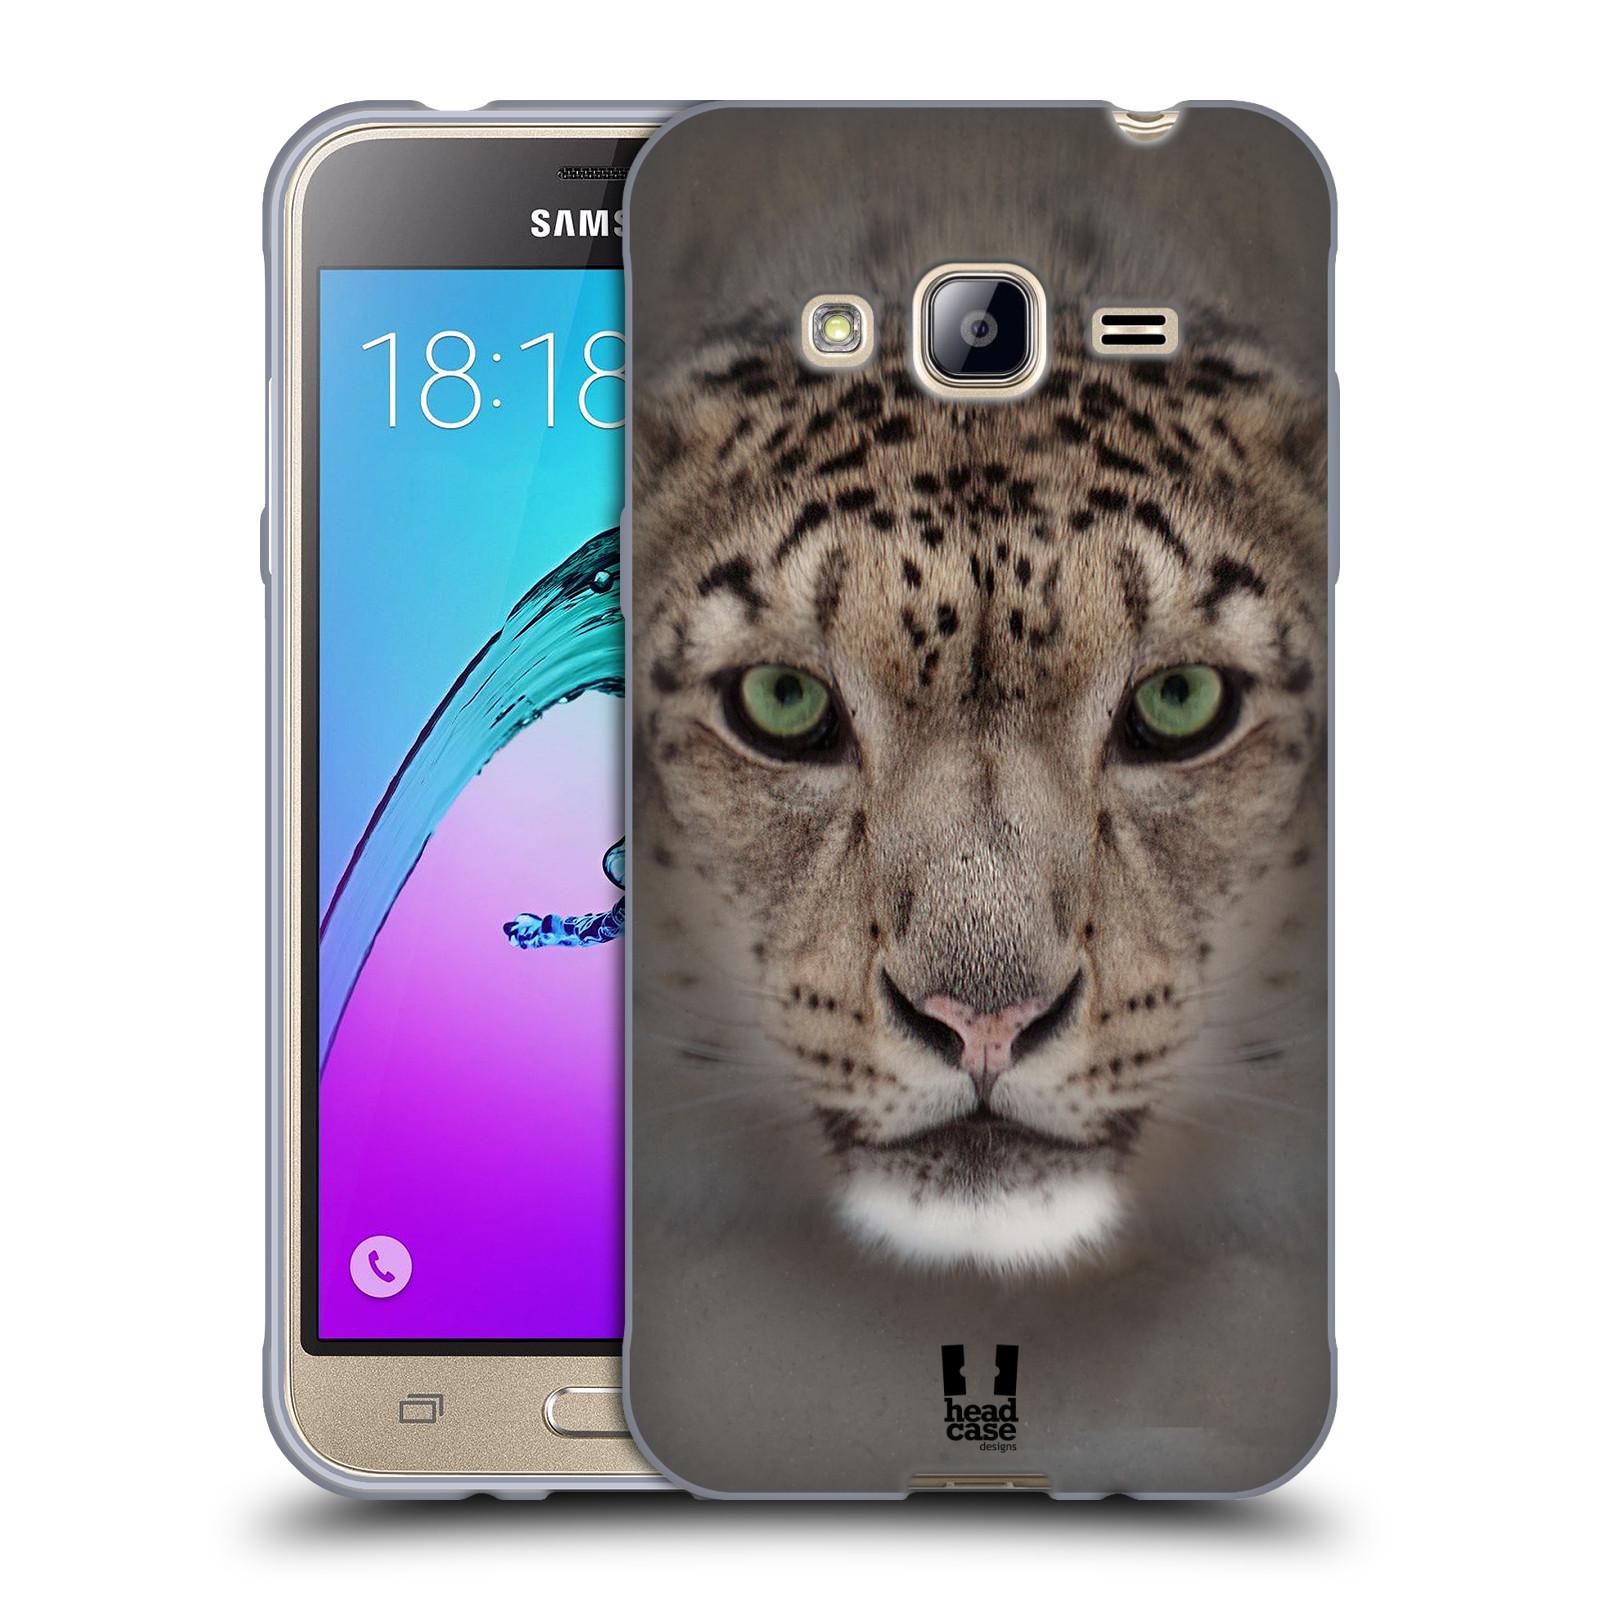 HEAD CASE silikonový obal na mobil Samsung Galaxy J3, J3 2016 vzor Zvířecí tváře 2 sněžný leopard